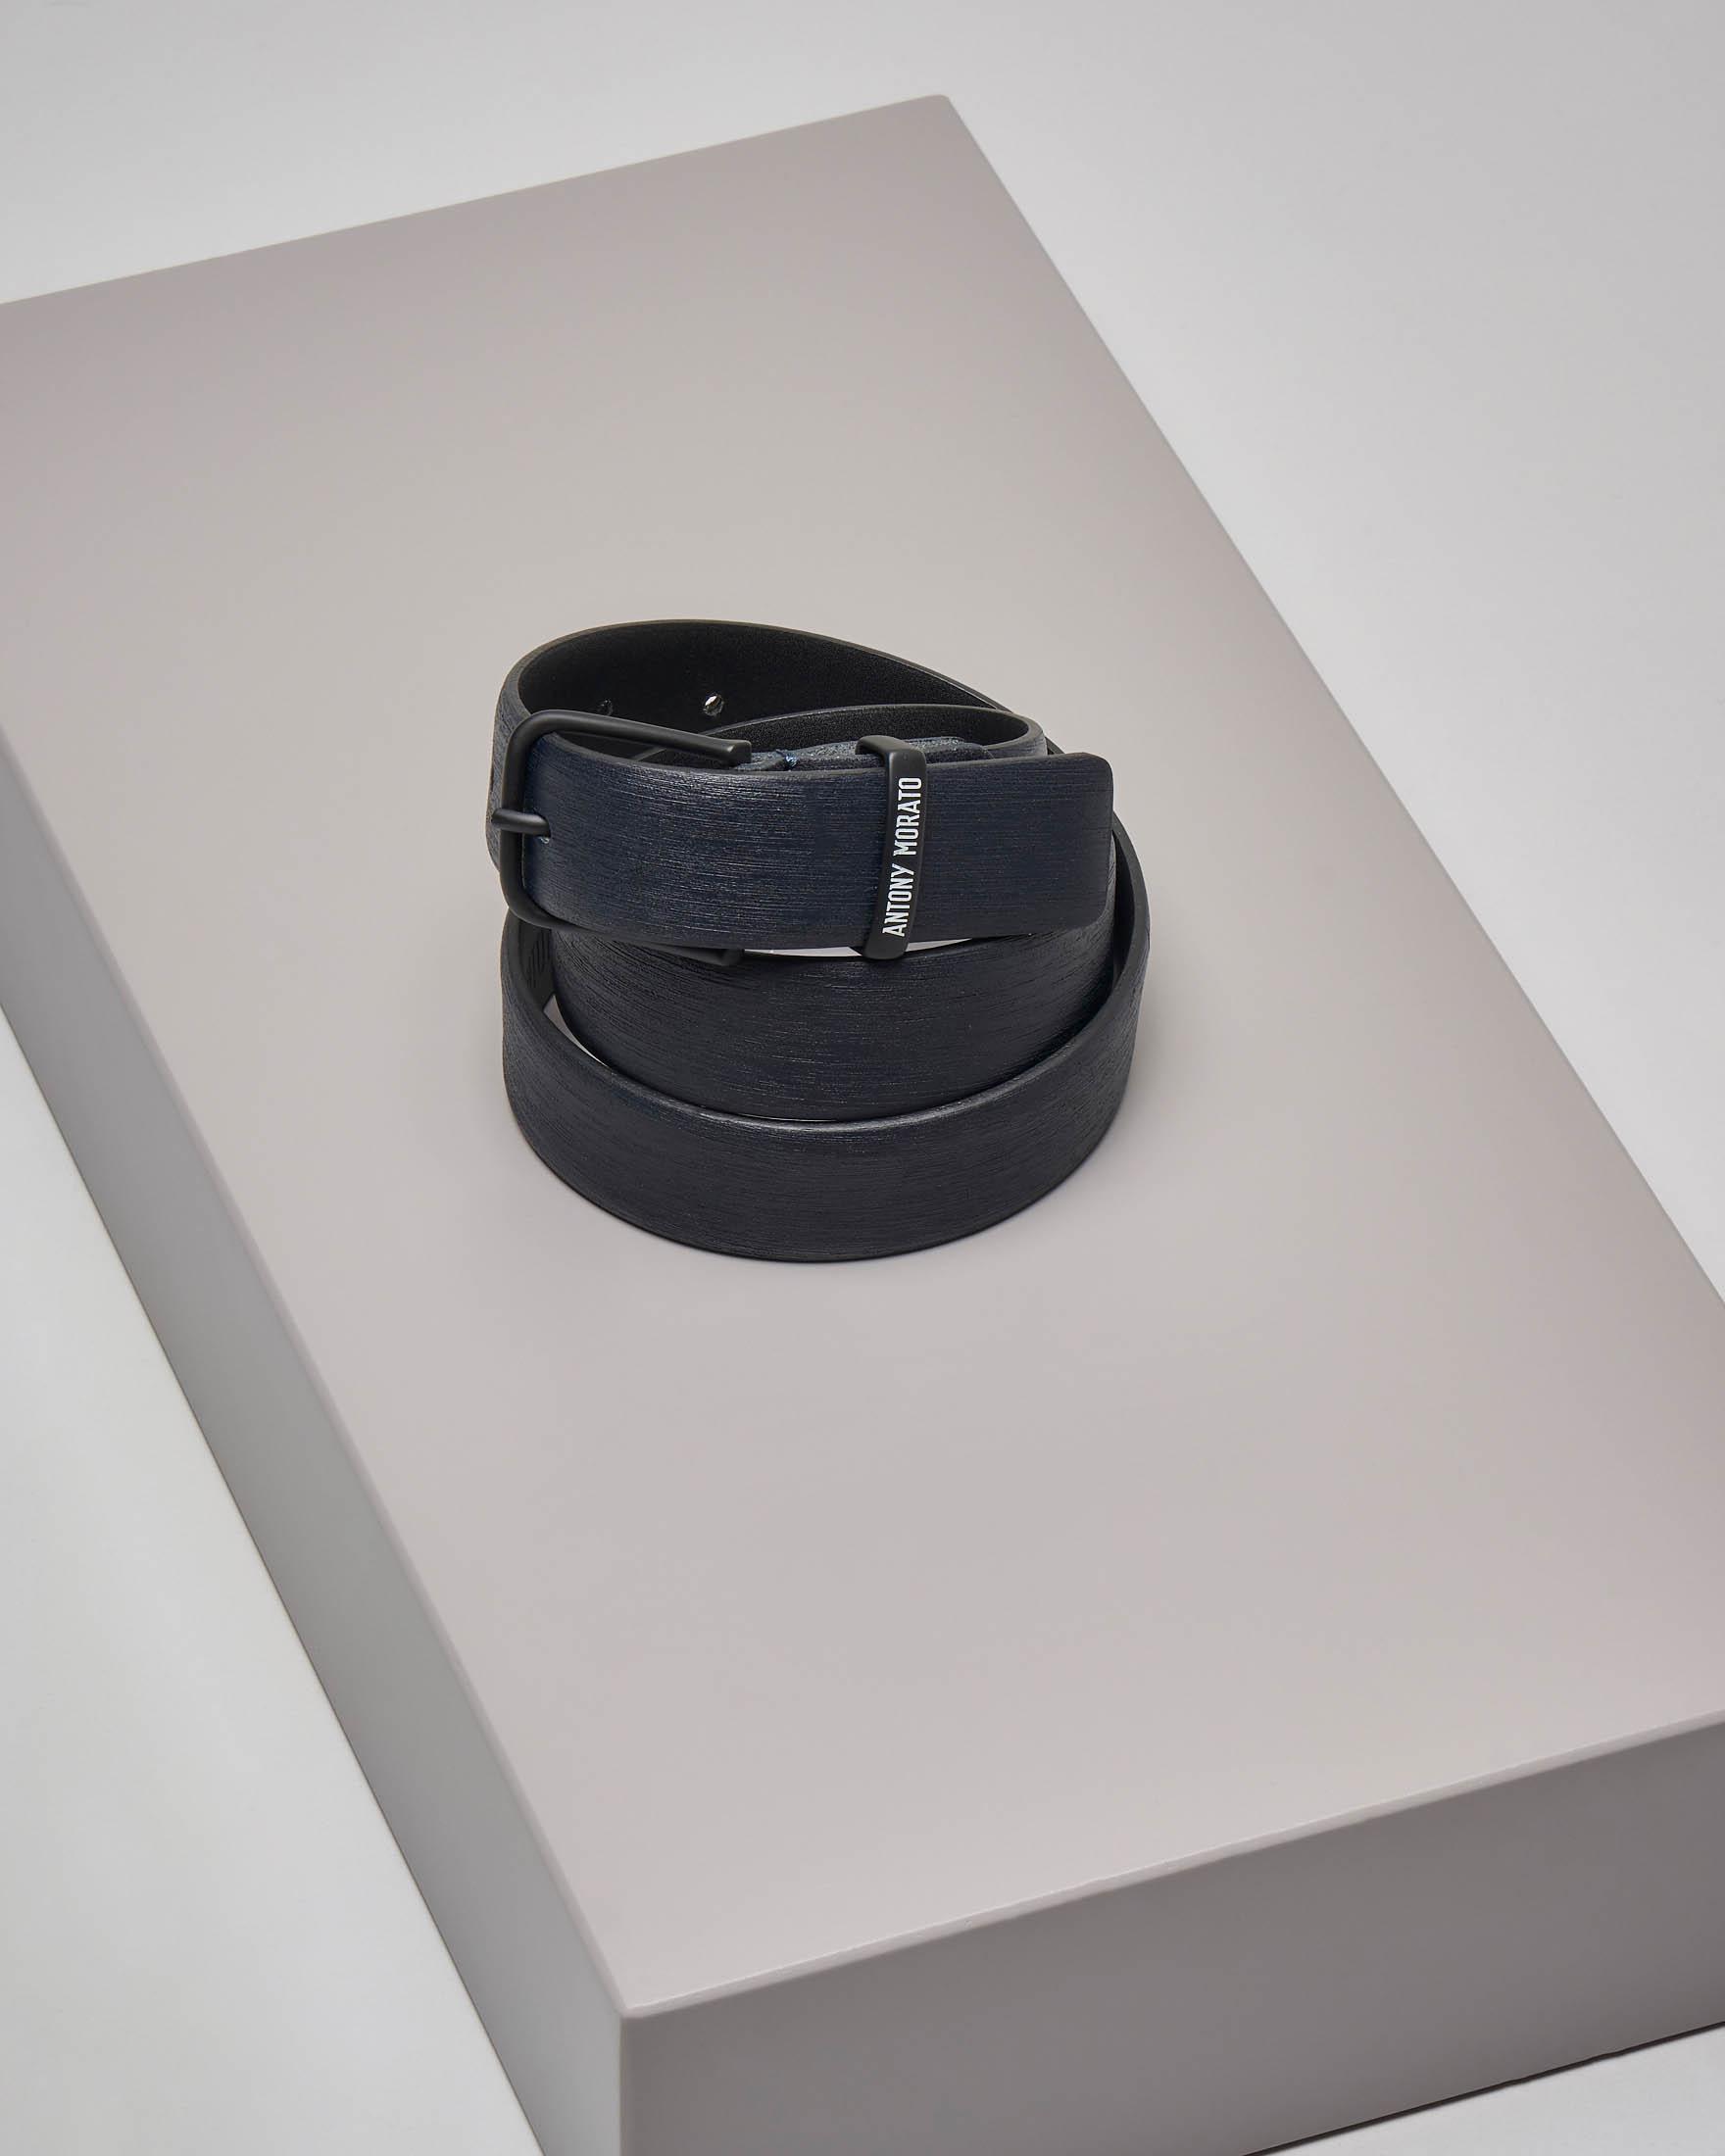 Cintura blu in pelle effetto saffiano con passante logato